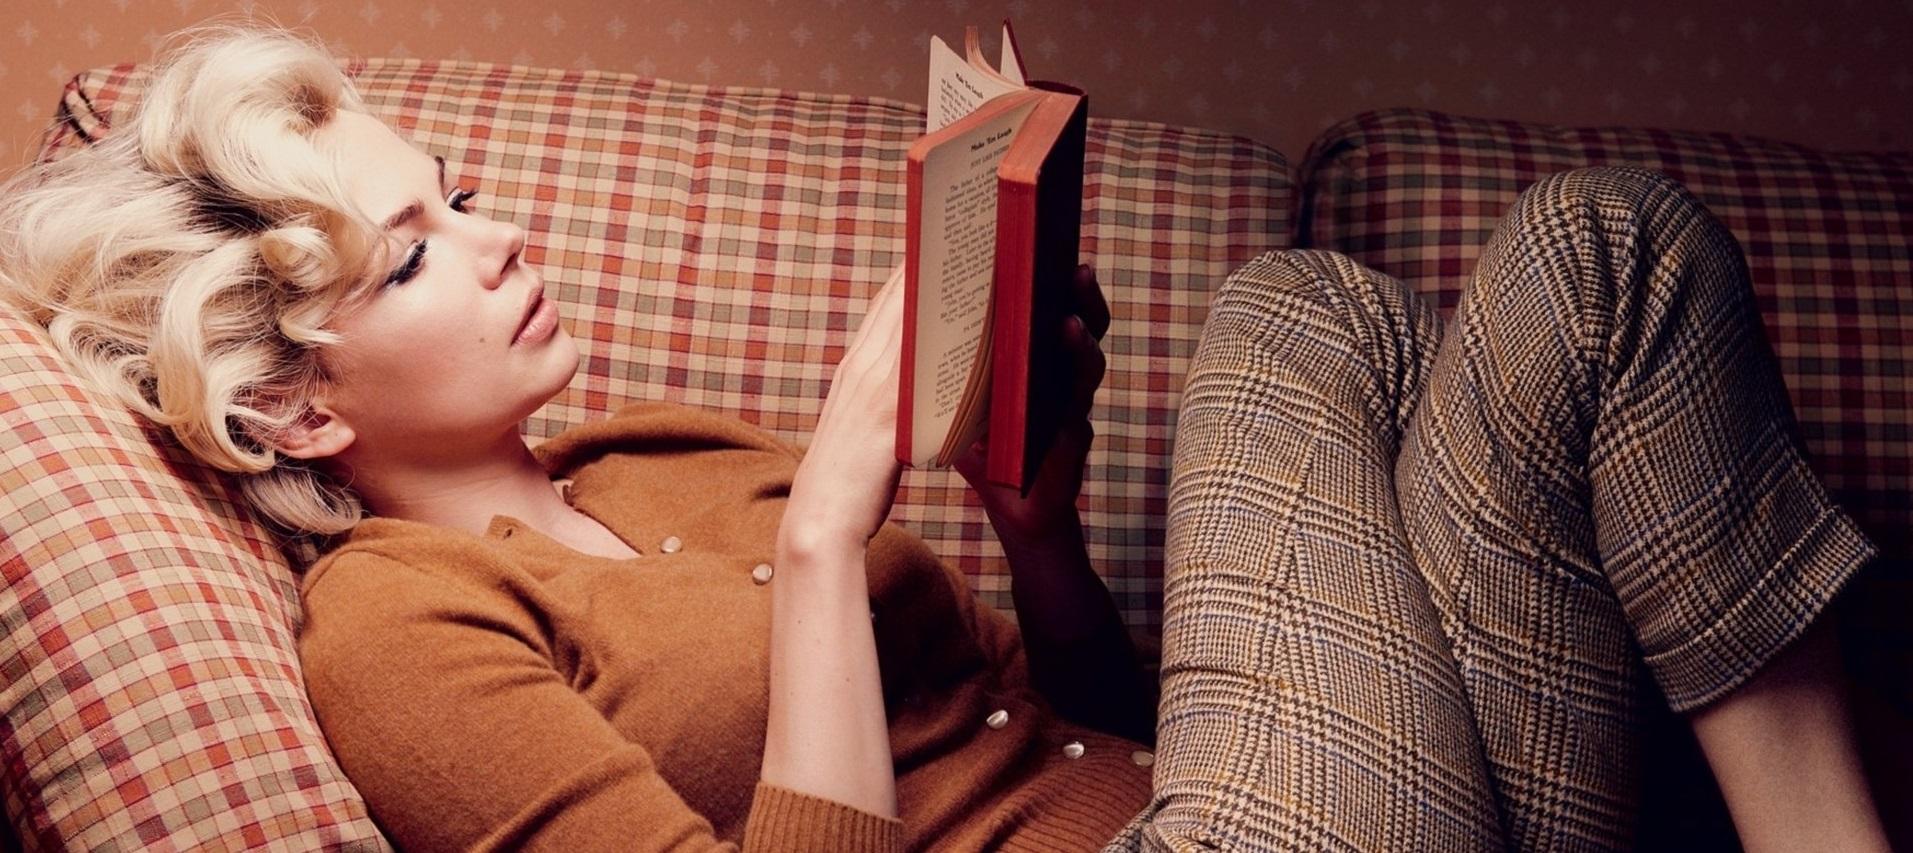 Photo of 7 книг об искусстве владения словом владение словом 7 книг об искусстве владения словом oscar wall 2012 my week with marilyn1